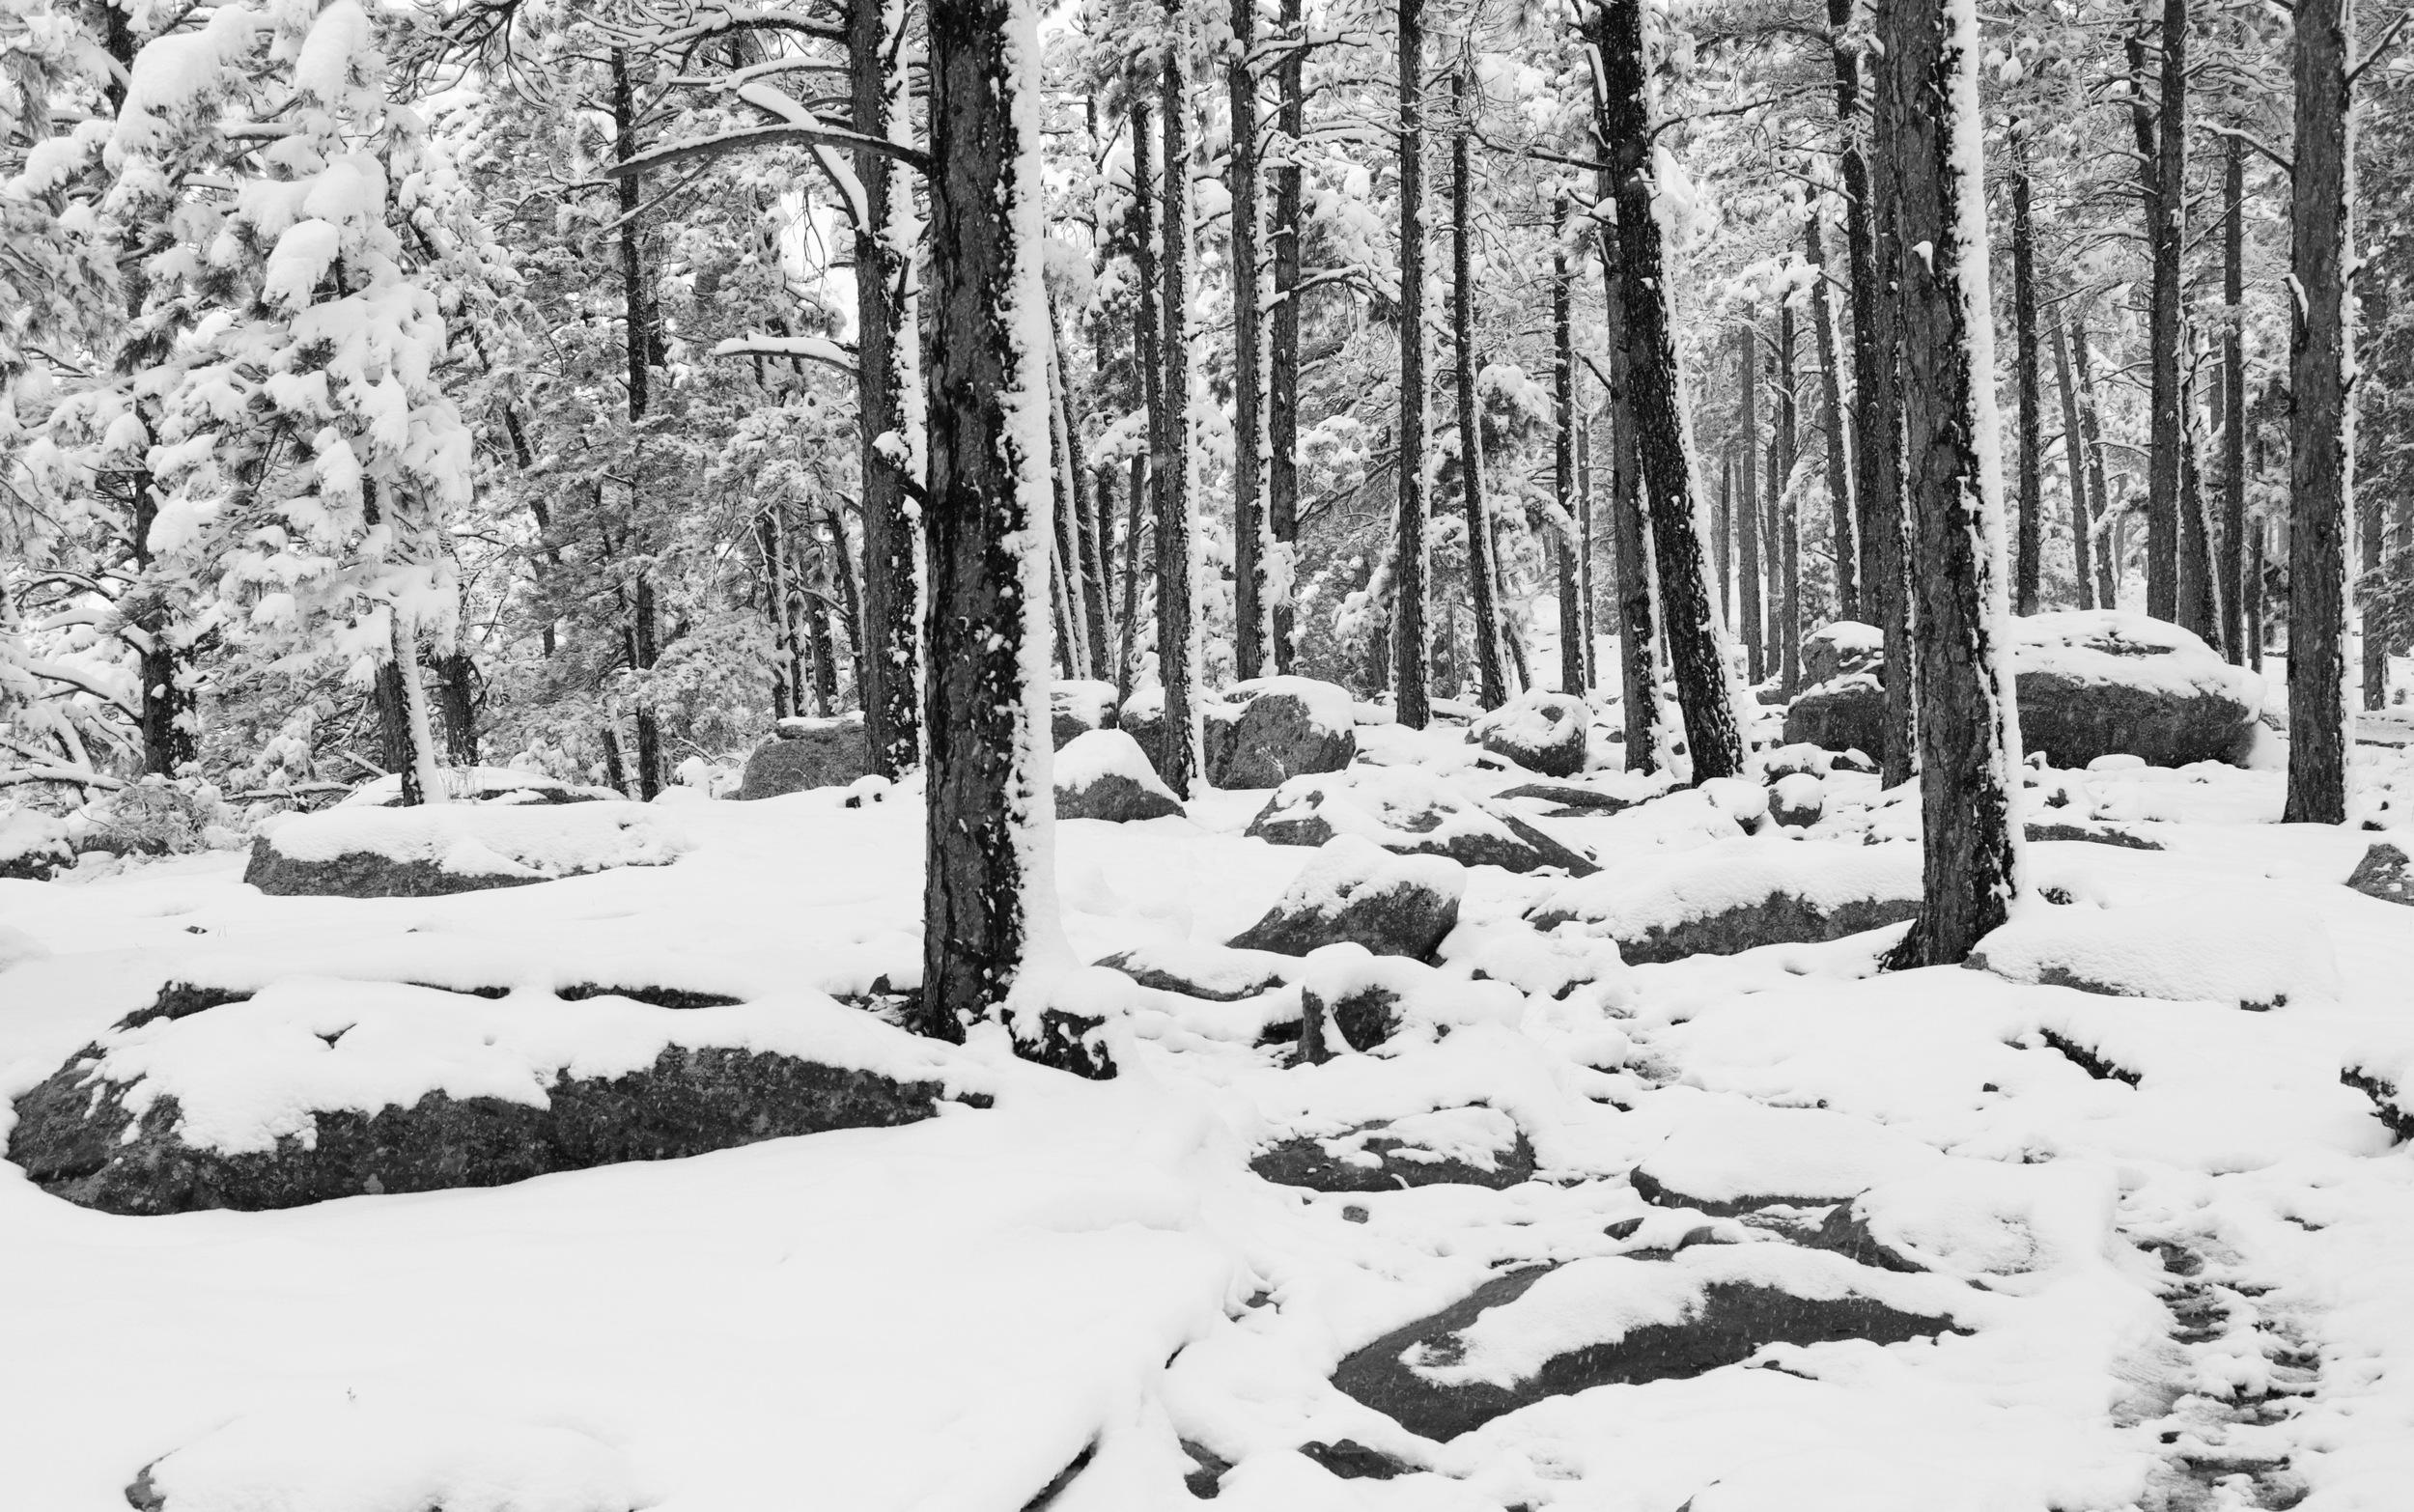 Kohler Mesa Trail to Woods Quarry